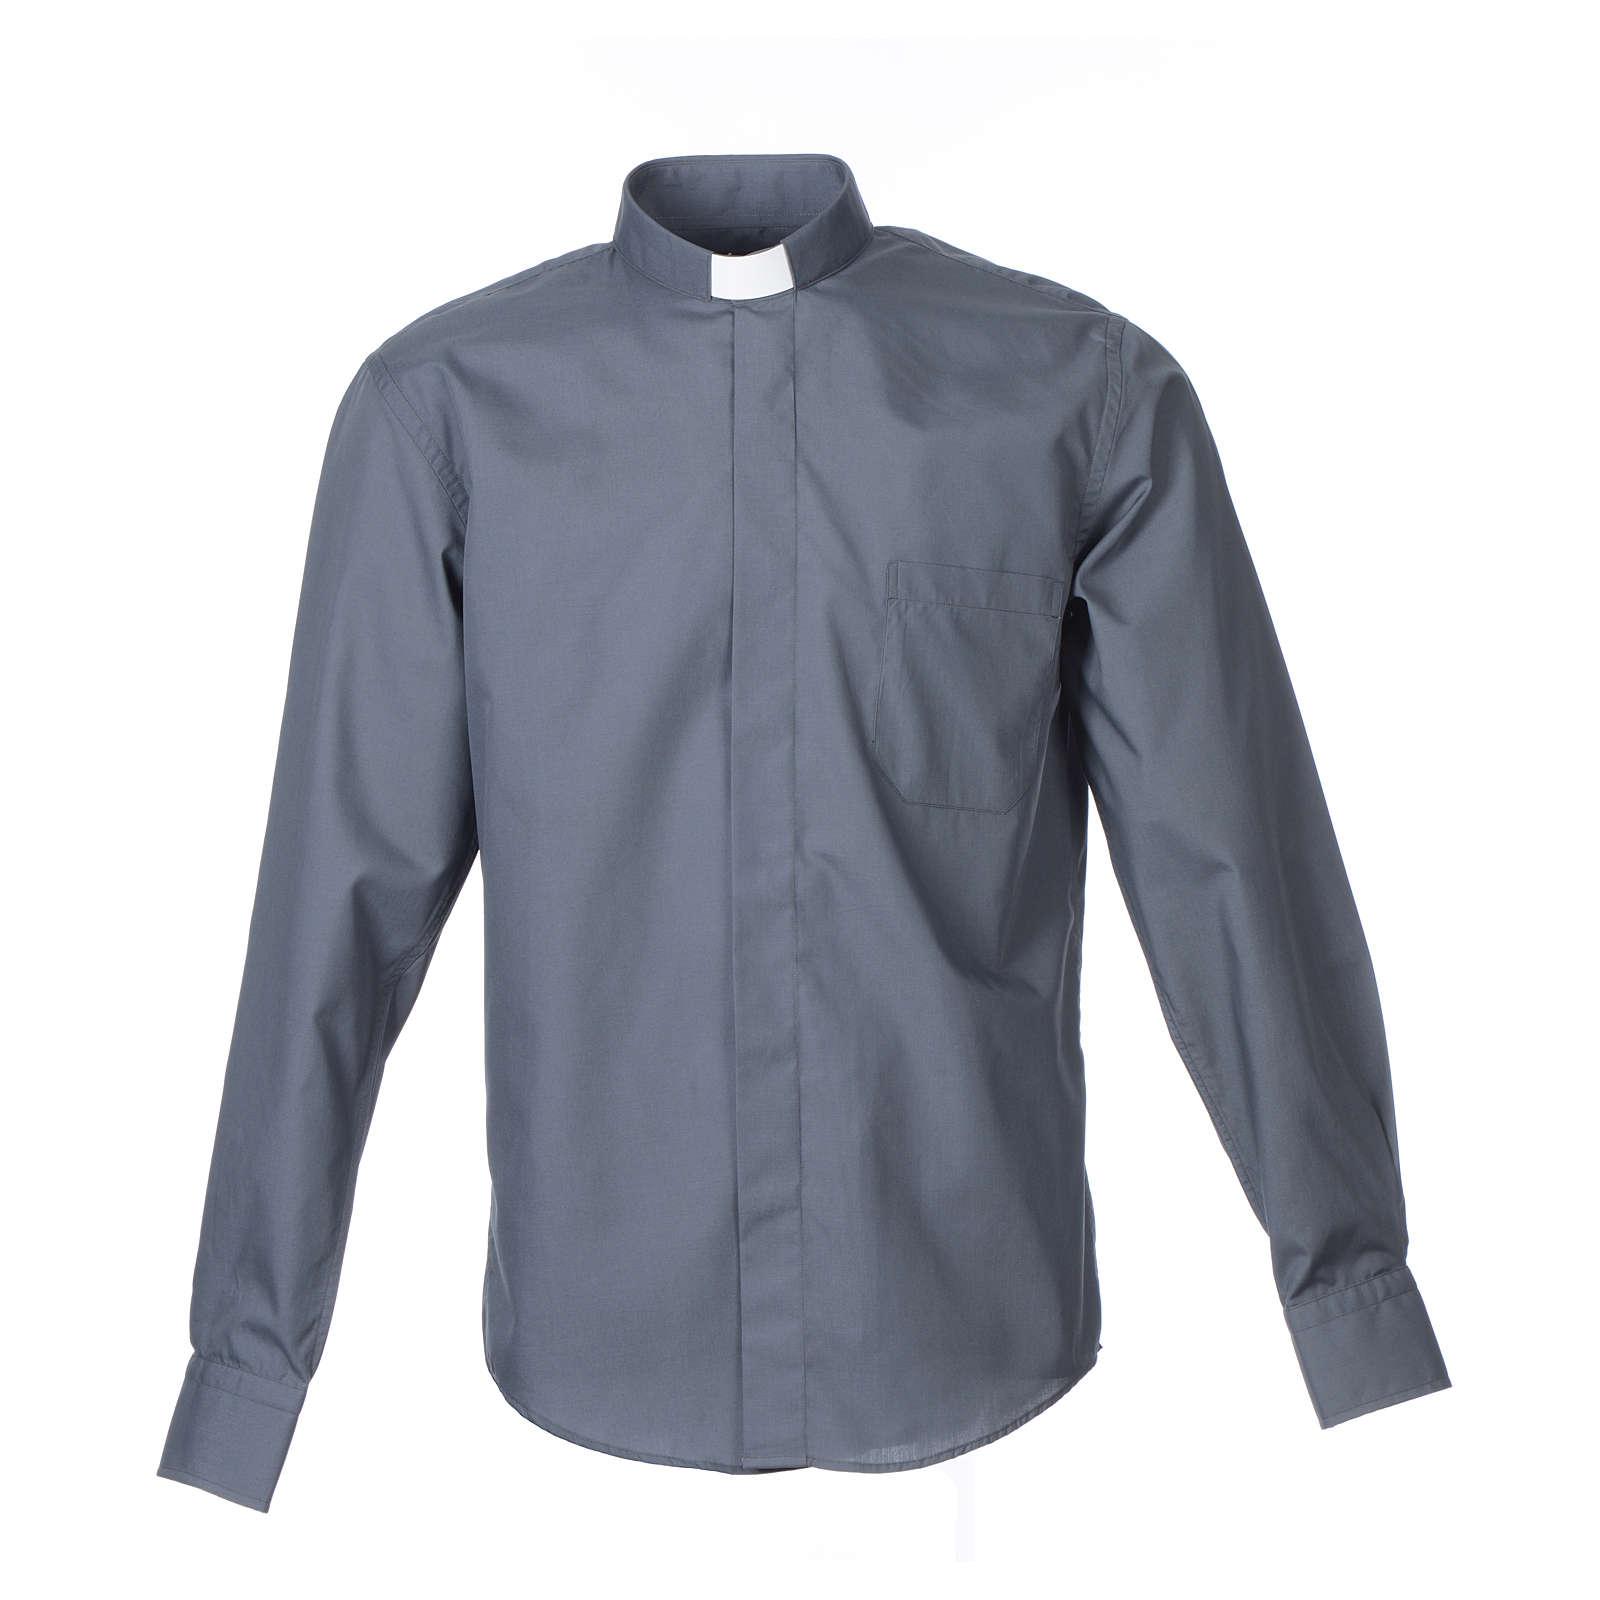 Camisa clergy M/L uma cor misto algodão cinzento escuro 4